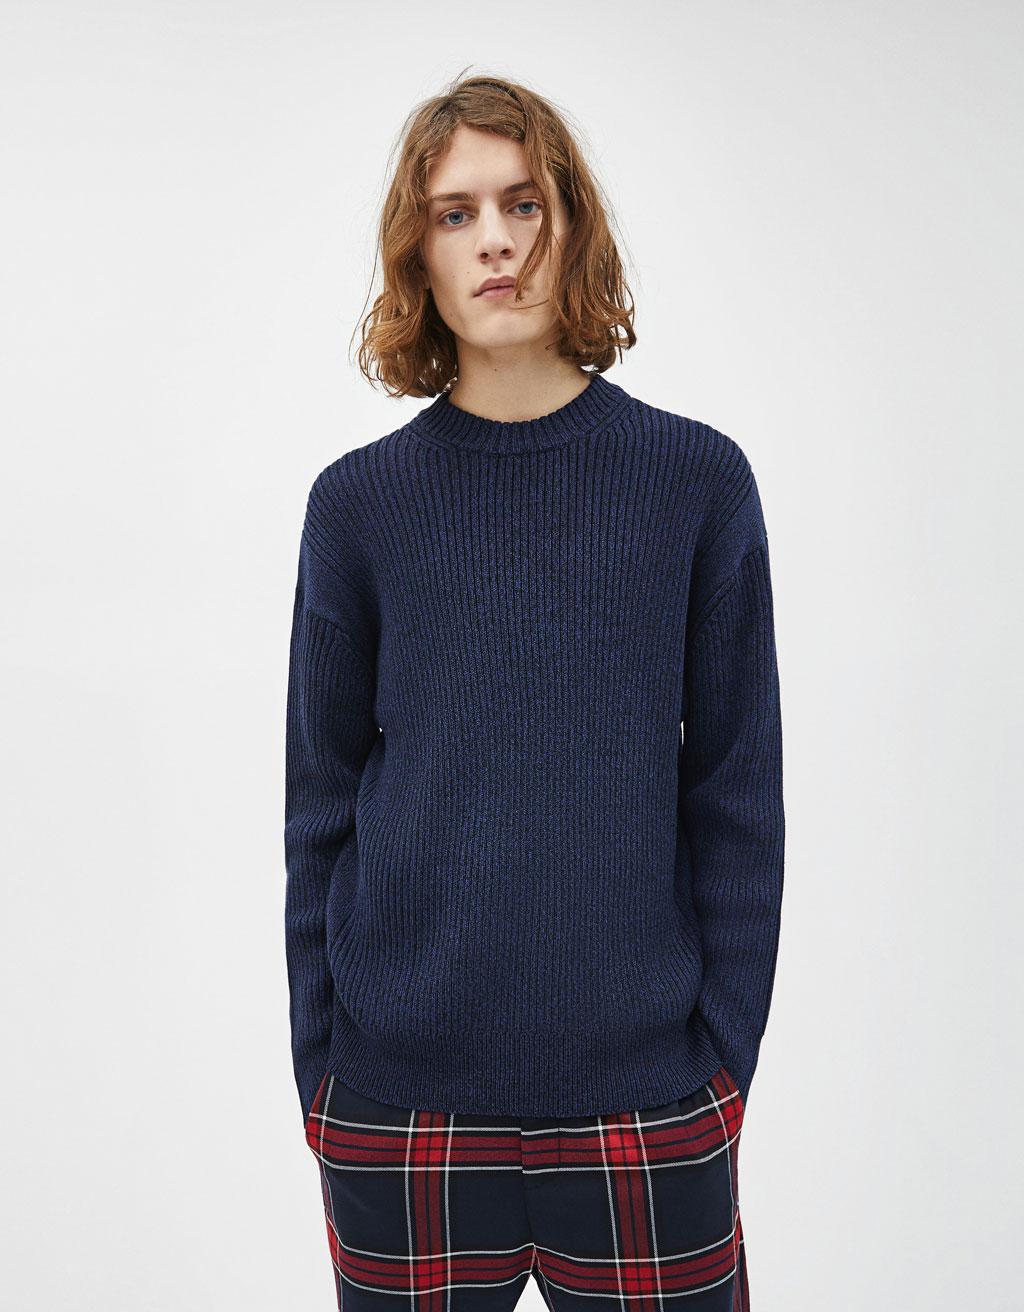 Sweater de malha - Best Sellers ⭐ - Bershka Portugal 17f69b6294a